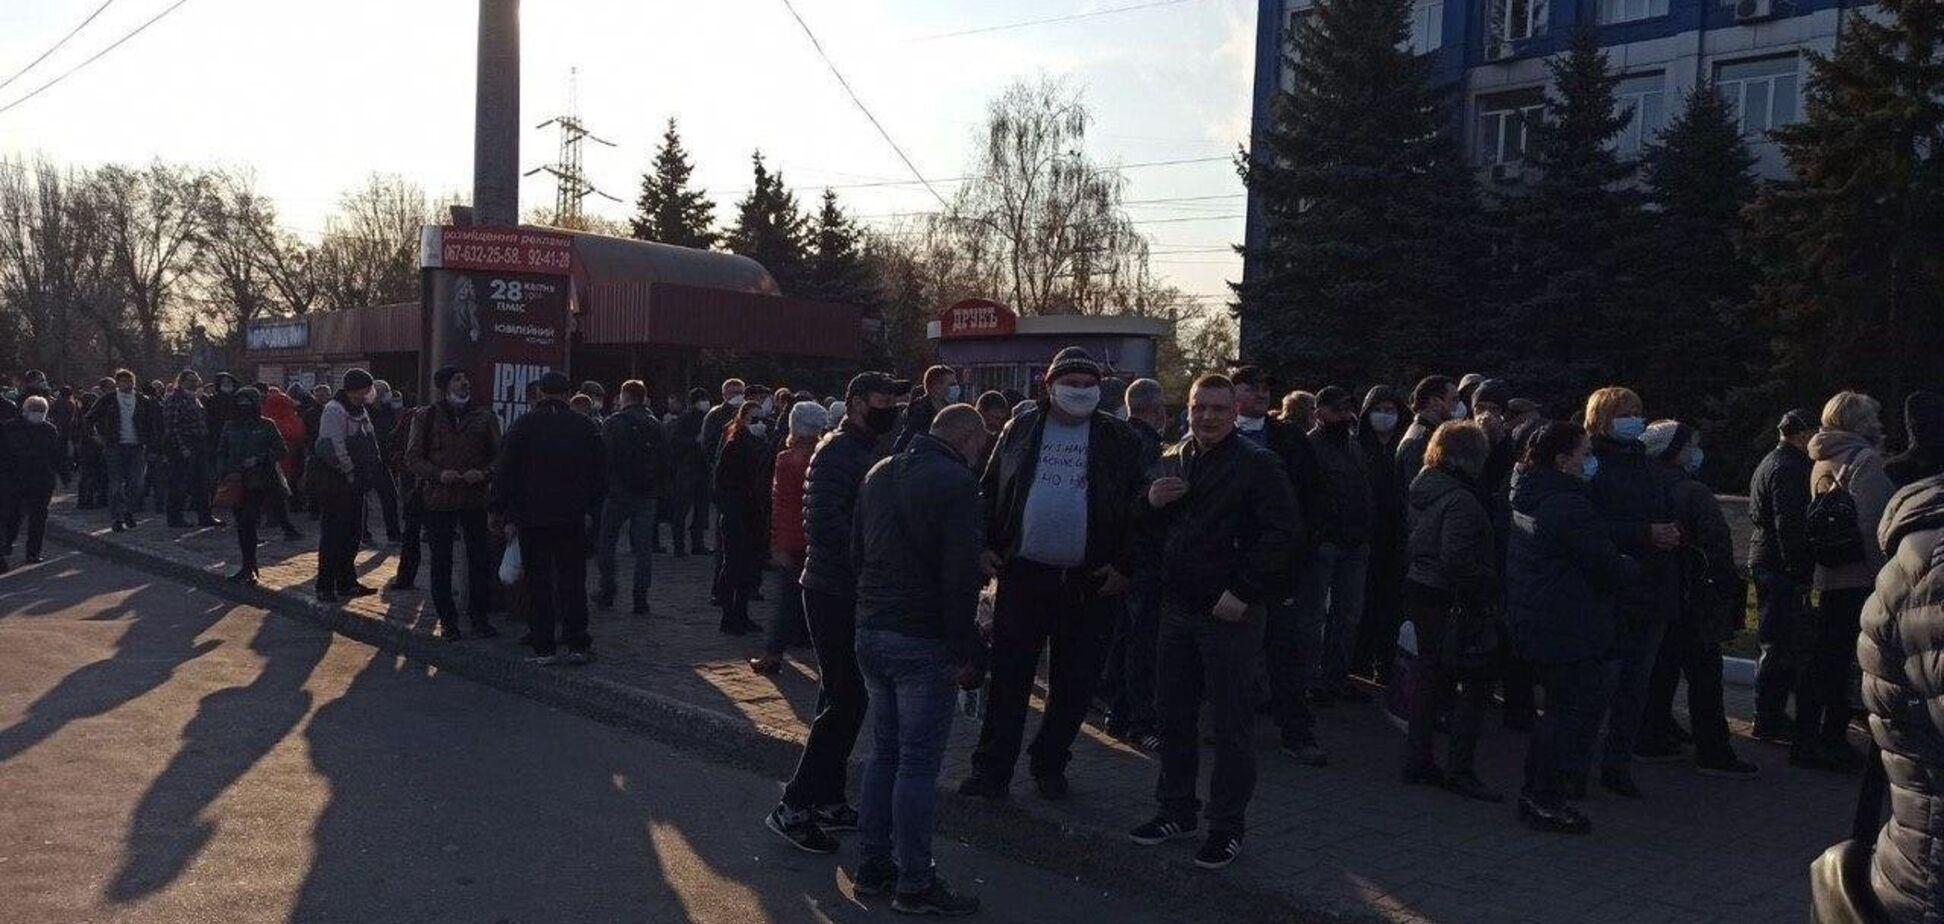 В Кривом Роге оштрафовали 'организаторов' огромной очереди для выдачи спецпропусков